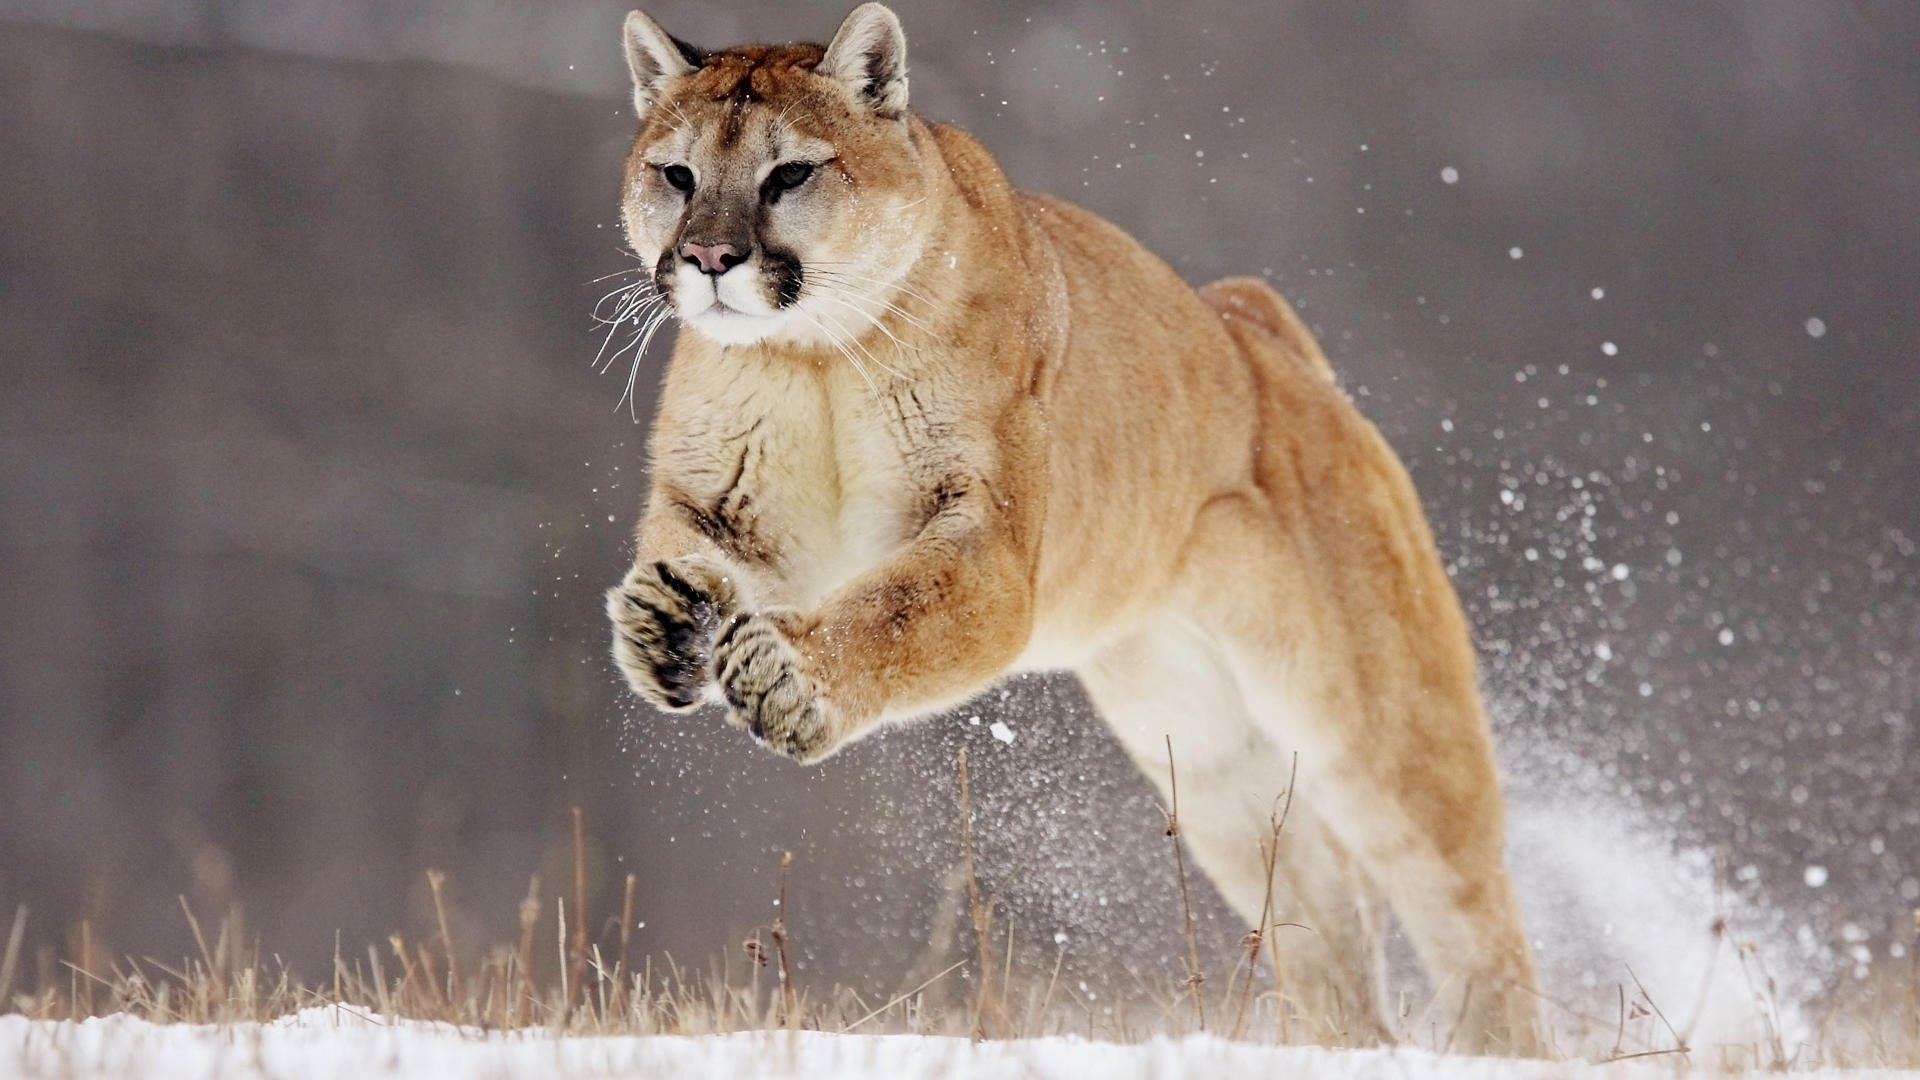 Mountain Lion Image